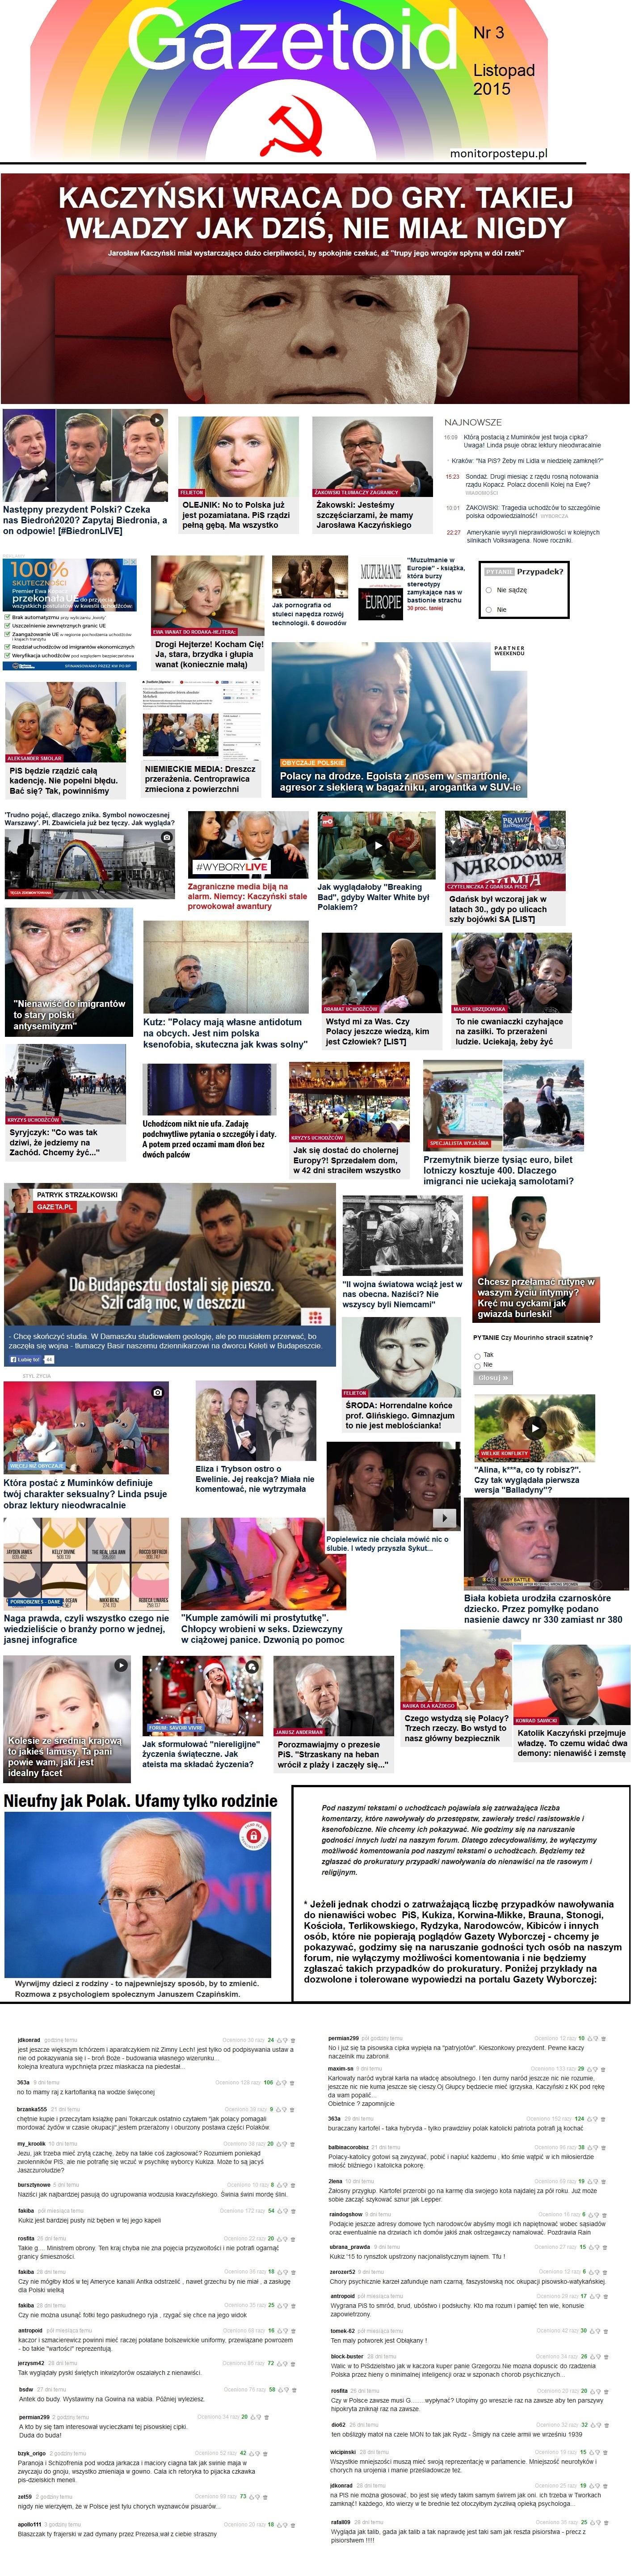 gazetoid3